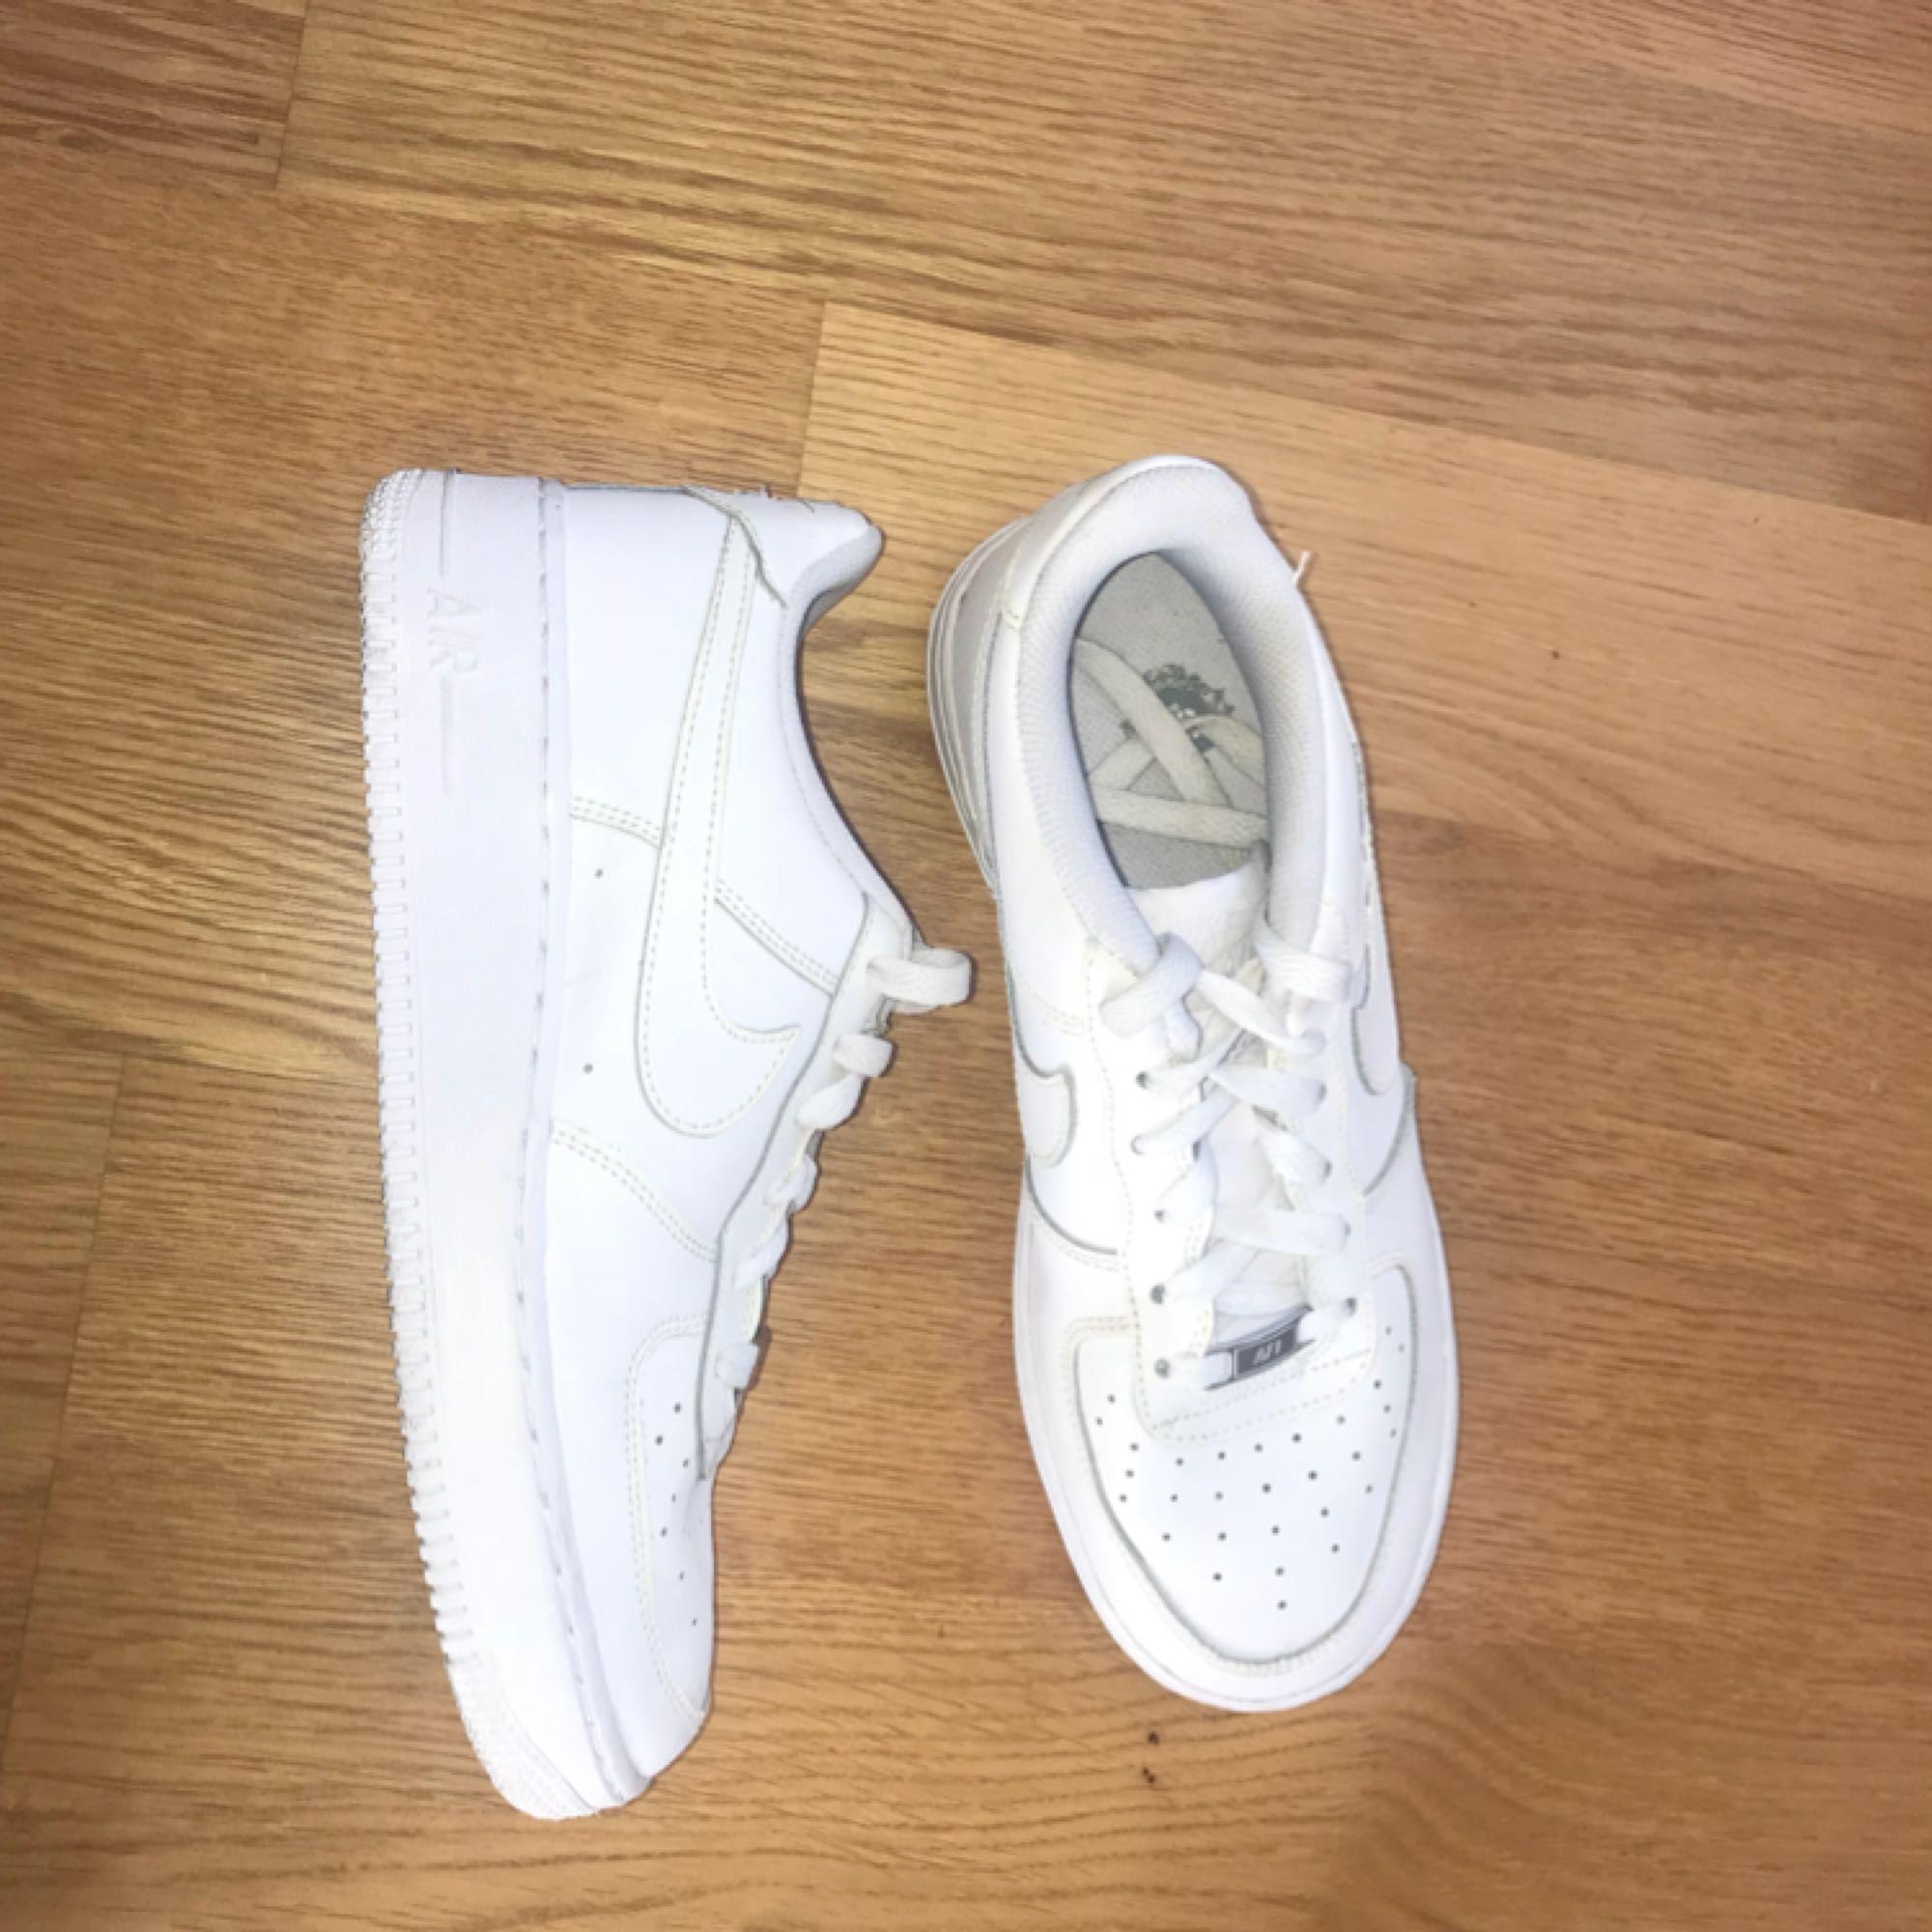 brand new c2397 9a61b ... sports shoes 72409 d7f9d Vita Nike air force one dam i storlek 39. Näst  intill